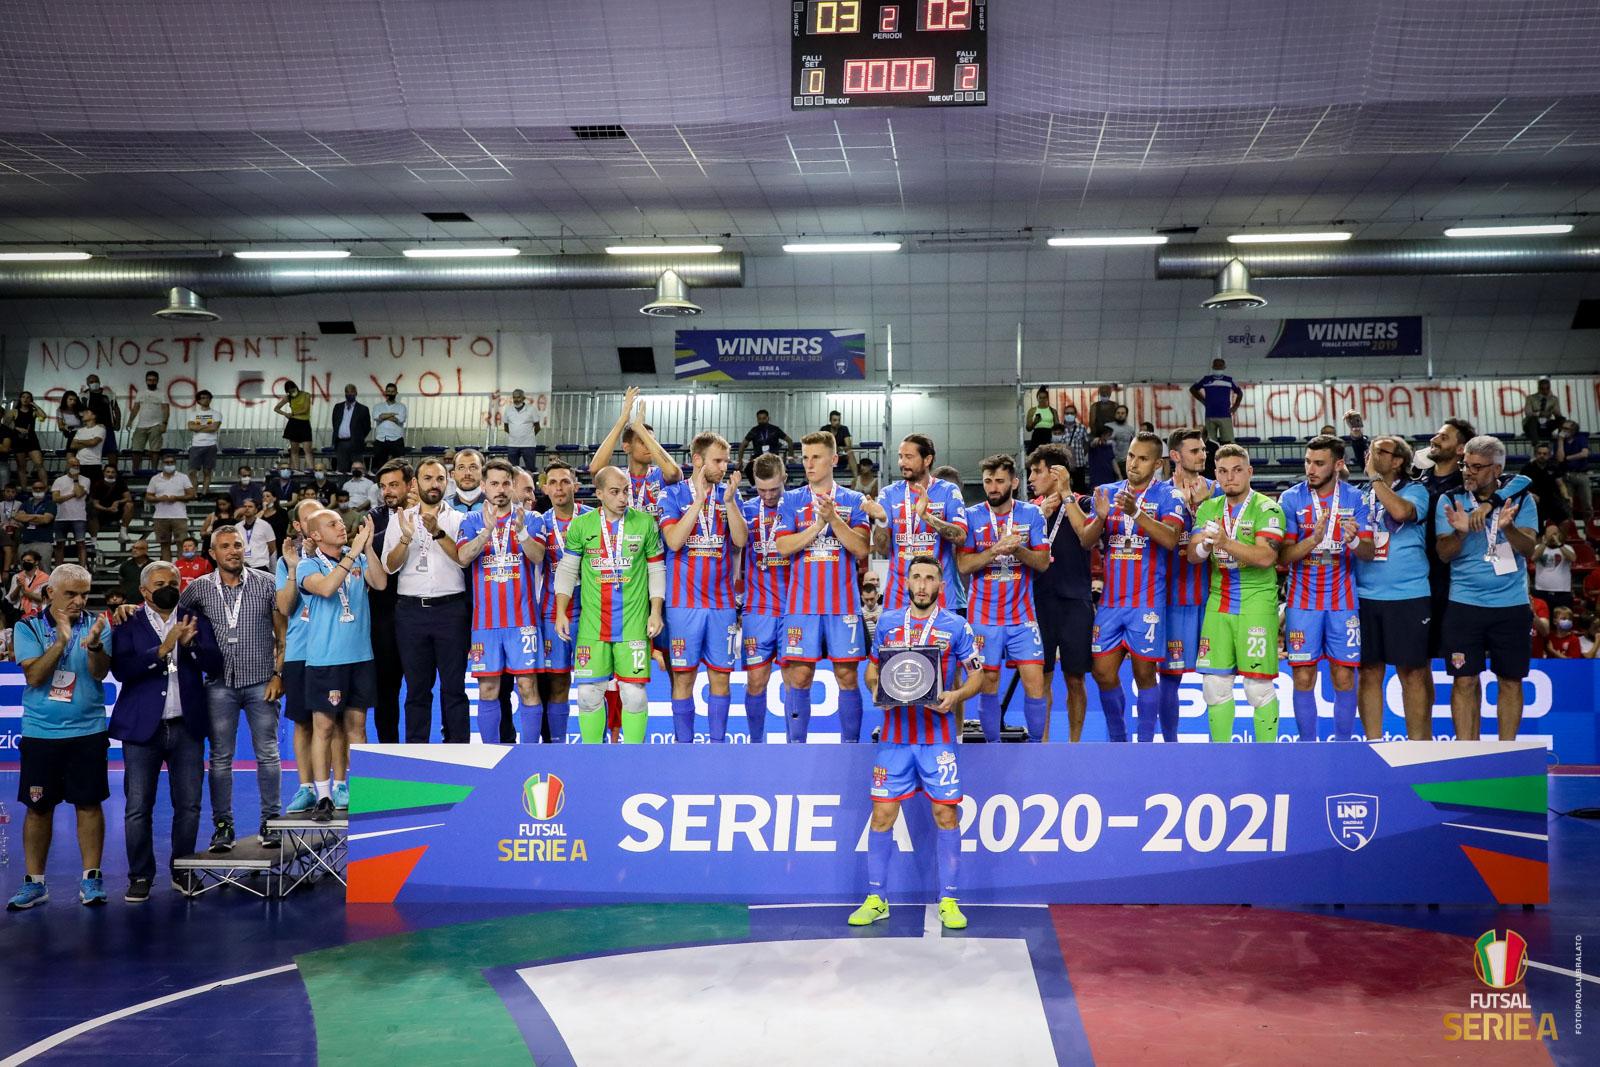 Grazie Ragazzi! Meta Catania Bricocity vice Campione d'Italia